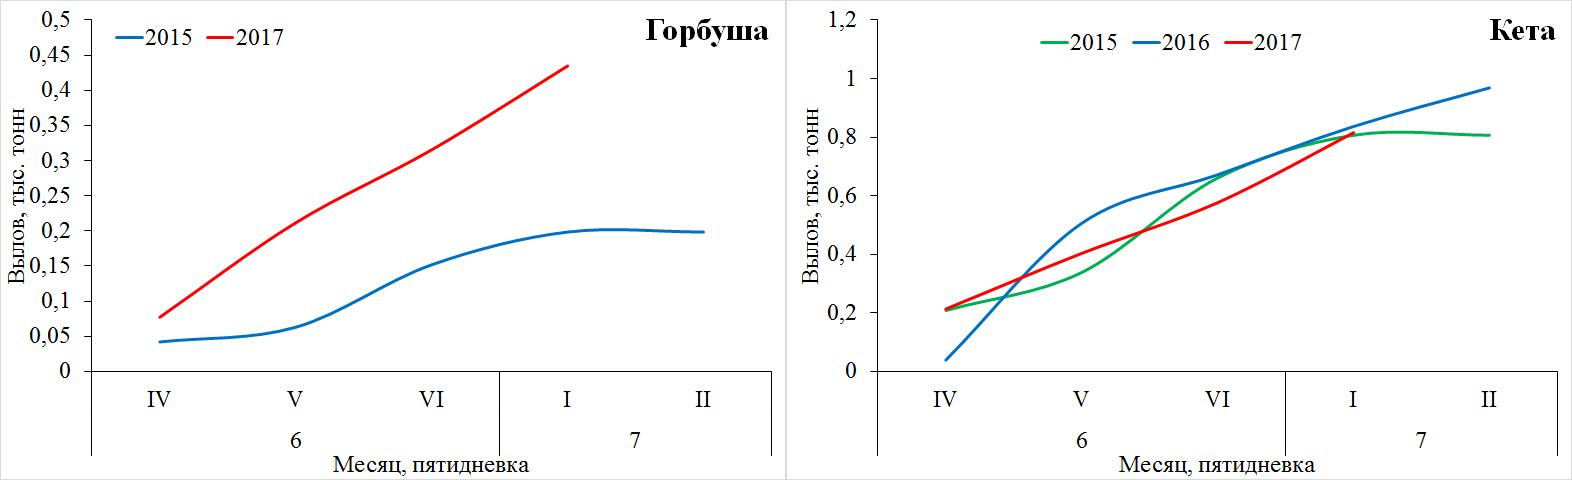 Рис. 2. Динамика вылова горбуши и кеты в Северо-Курильской подзоне в 2015–2017 гг.